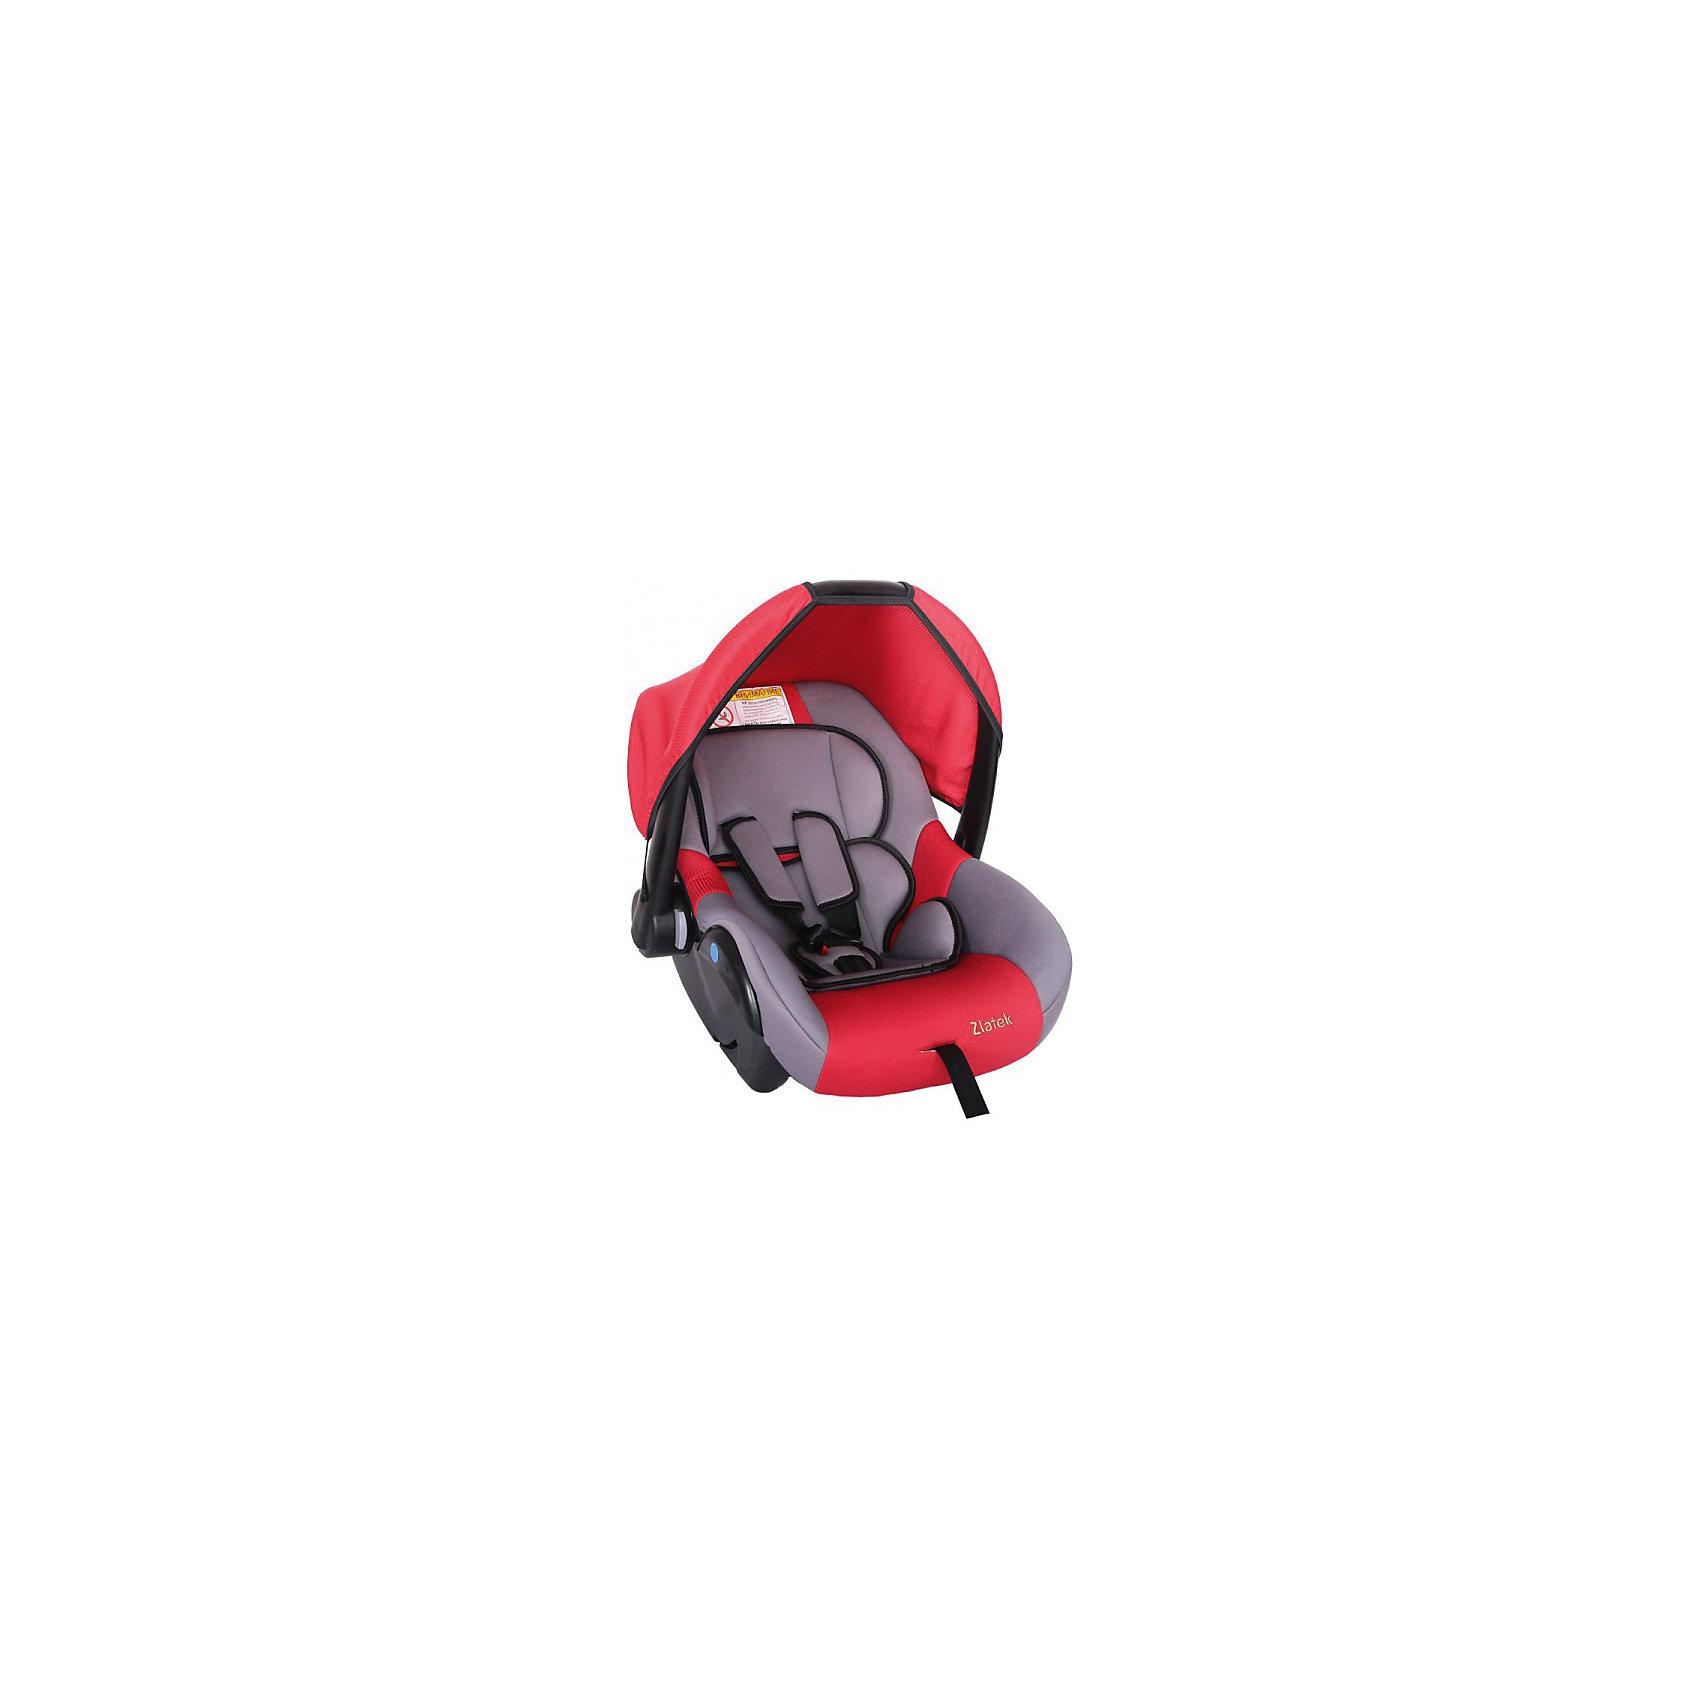 Автокресло Colibri 0-13 кг., Zlatek, красныйМодель кресла Colibri Zlatek предназначена для самой маленькой возрастной группы пассажиров с рождения до полутора лет. Кресло устанавливается в автомобиль против направления движения. Автокресло оснащено удобной ручкой для переноса, и съёмным чехлом, который убережет ребенка от прямых солнечных лучей.<br><br>Дополнительная информация:<br><br>- Материал: текстиль, пластик, металл.<br>- Размер: 60x37x36 см<br>- Возраст: от 0 до 18 месяцев<br>- Группа: 0+ (до 13 кг)<br>- Вес кресла: 3.7 кг<br>- Внутренние 3-точечные ремни безопасности<br><br>Автокресло Colibri 0-13 кг., Zlatek, красный можно купить в нашем интернет-магазине.<br><br>Ширина мм: 600<br>Глубина мм: 360<br>Высота мм: 370<br>Вес г: 3700<br>Возраст от месяцев: 0<br>Возраст до месяцев: 216<br>Пол: Унисекс<br>Возраст: Детский<br>SKU: 4809142